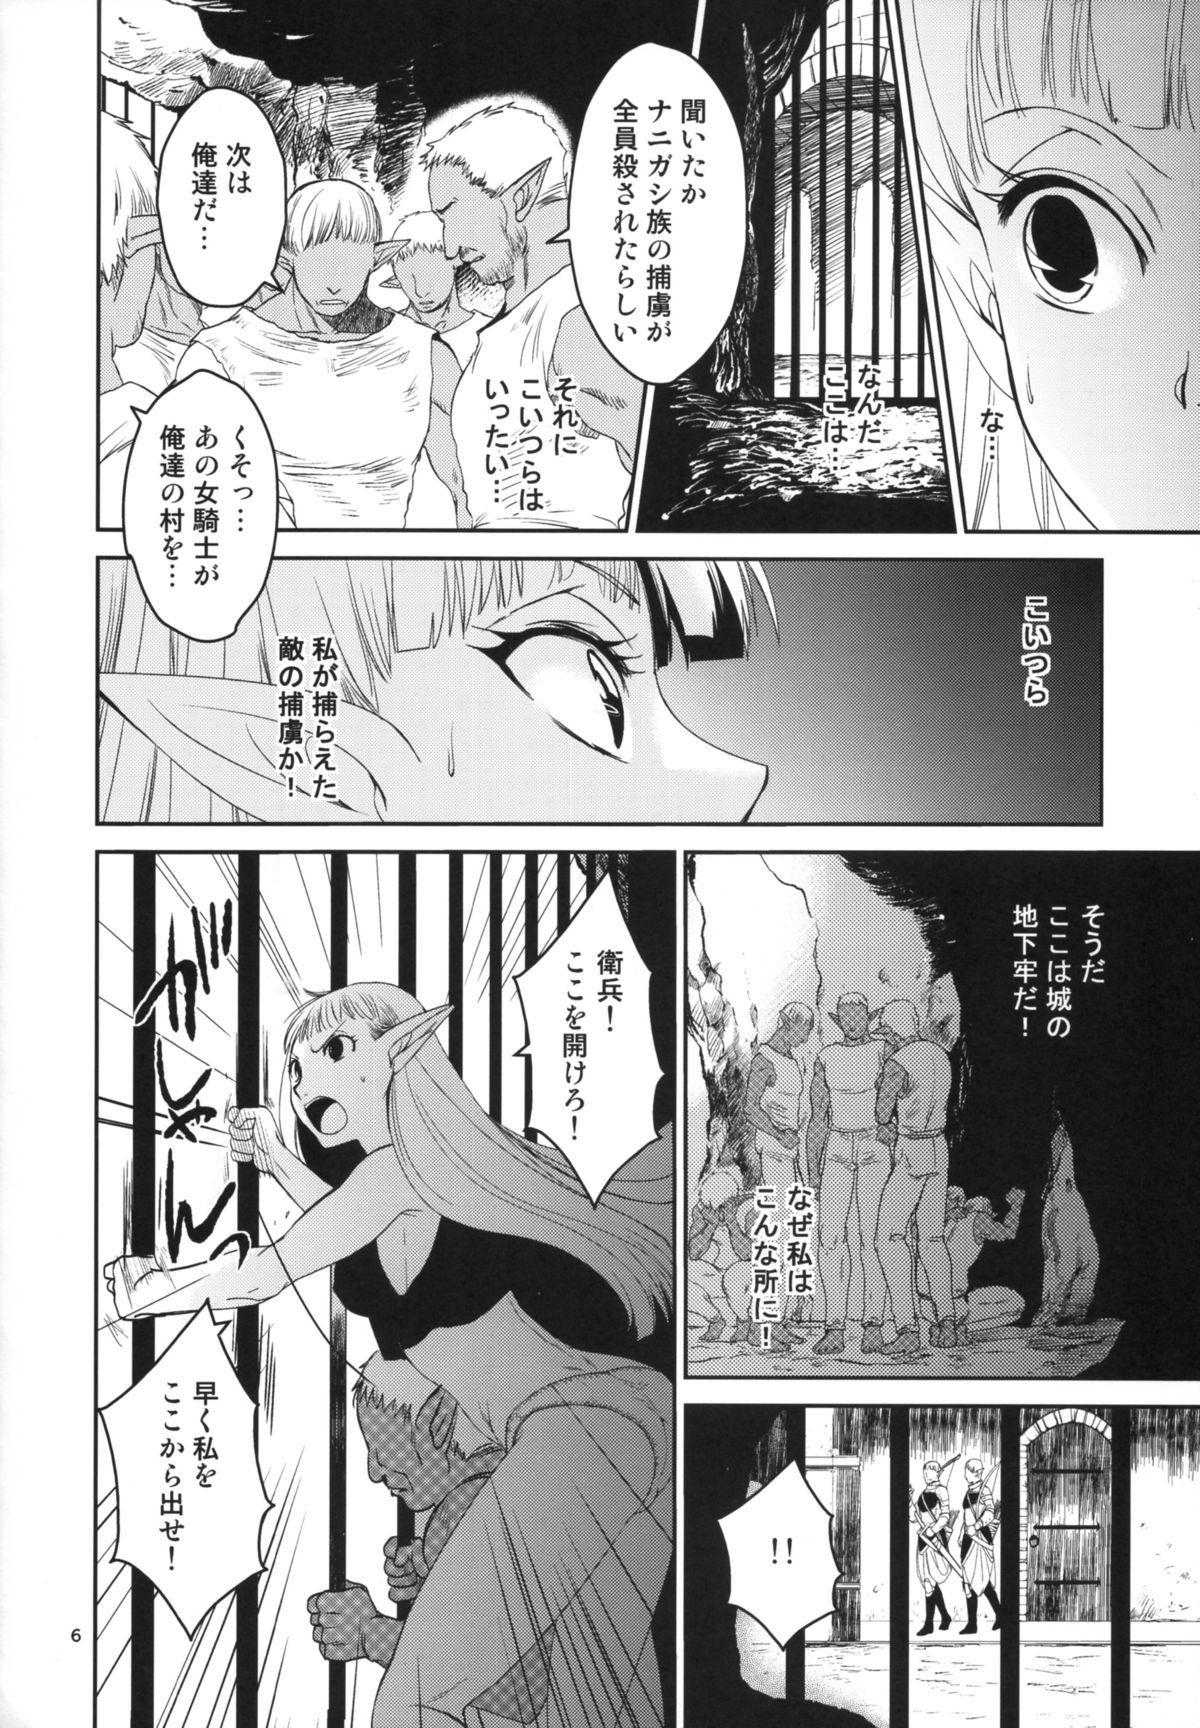 Elf no Onna Kishi no Junan 7